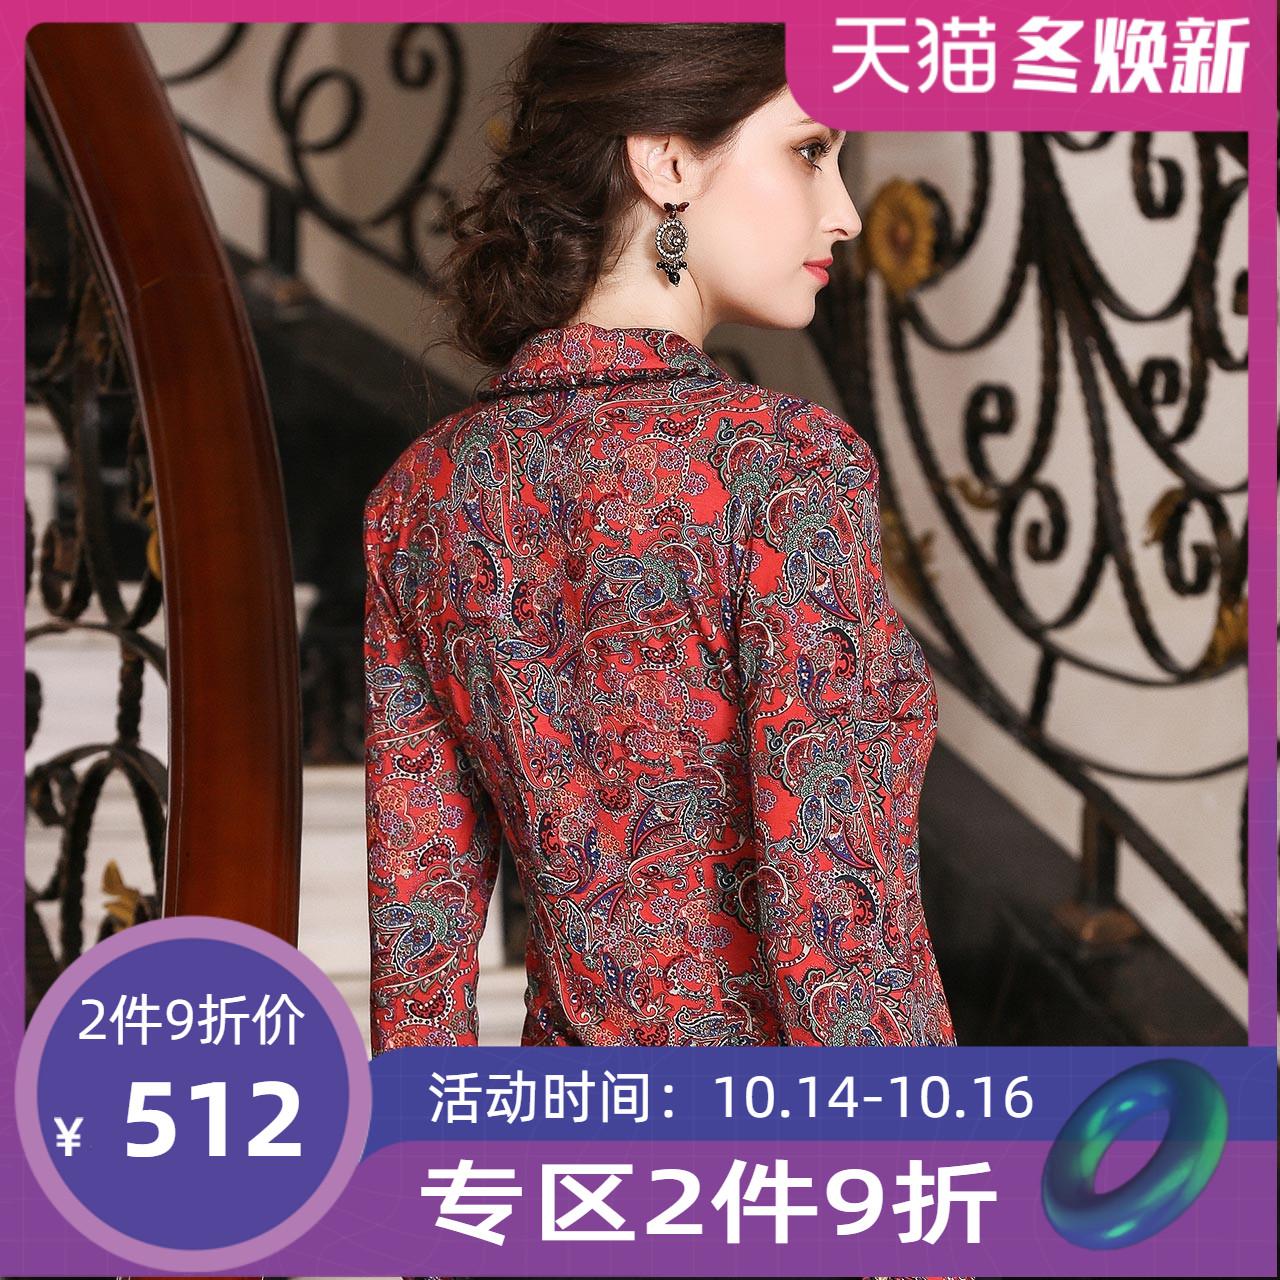 沐兰秋装长袖衬衫女修身百搭印花翻领上衣中国风收腰显瘦衬衣气质